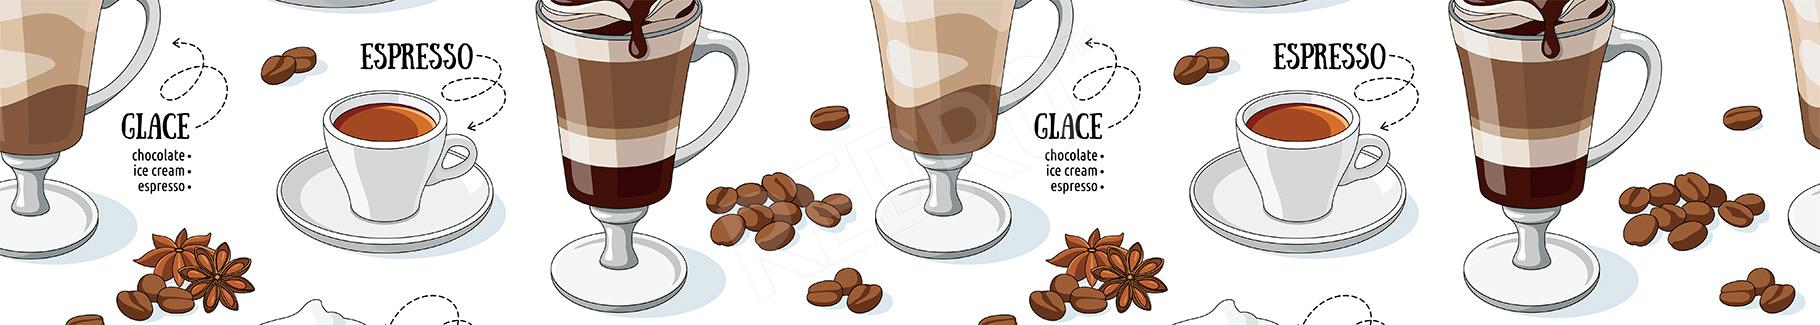 Fototapeta rodzaje kawy